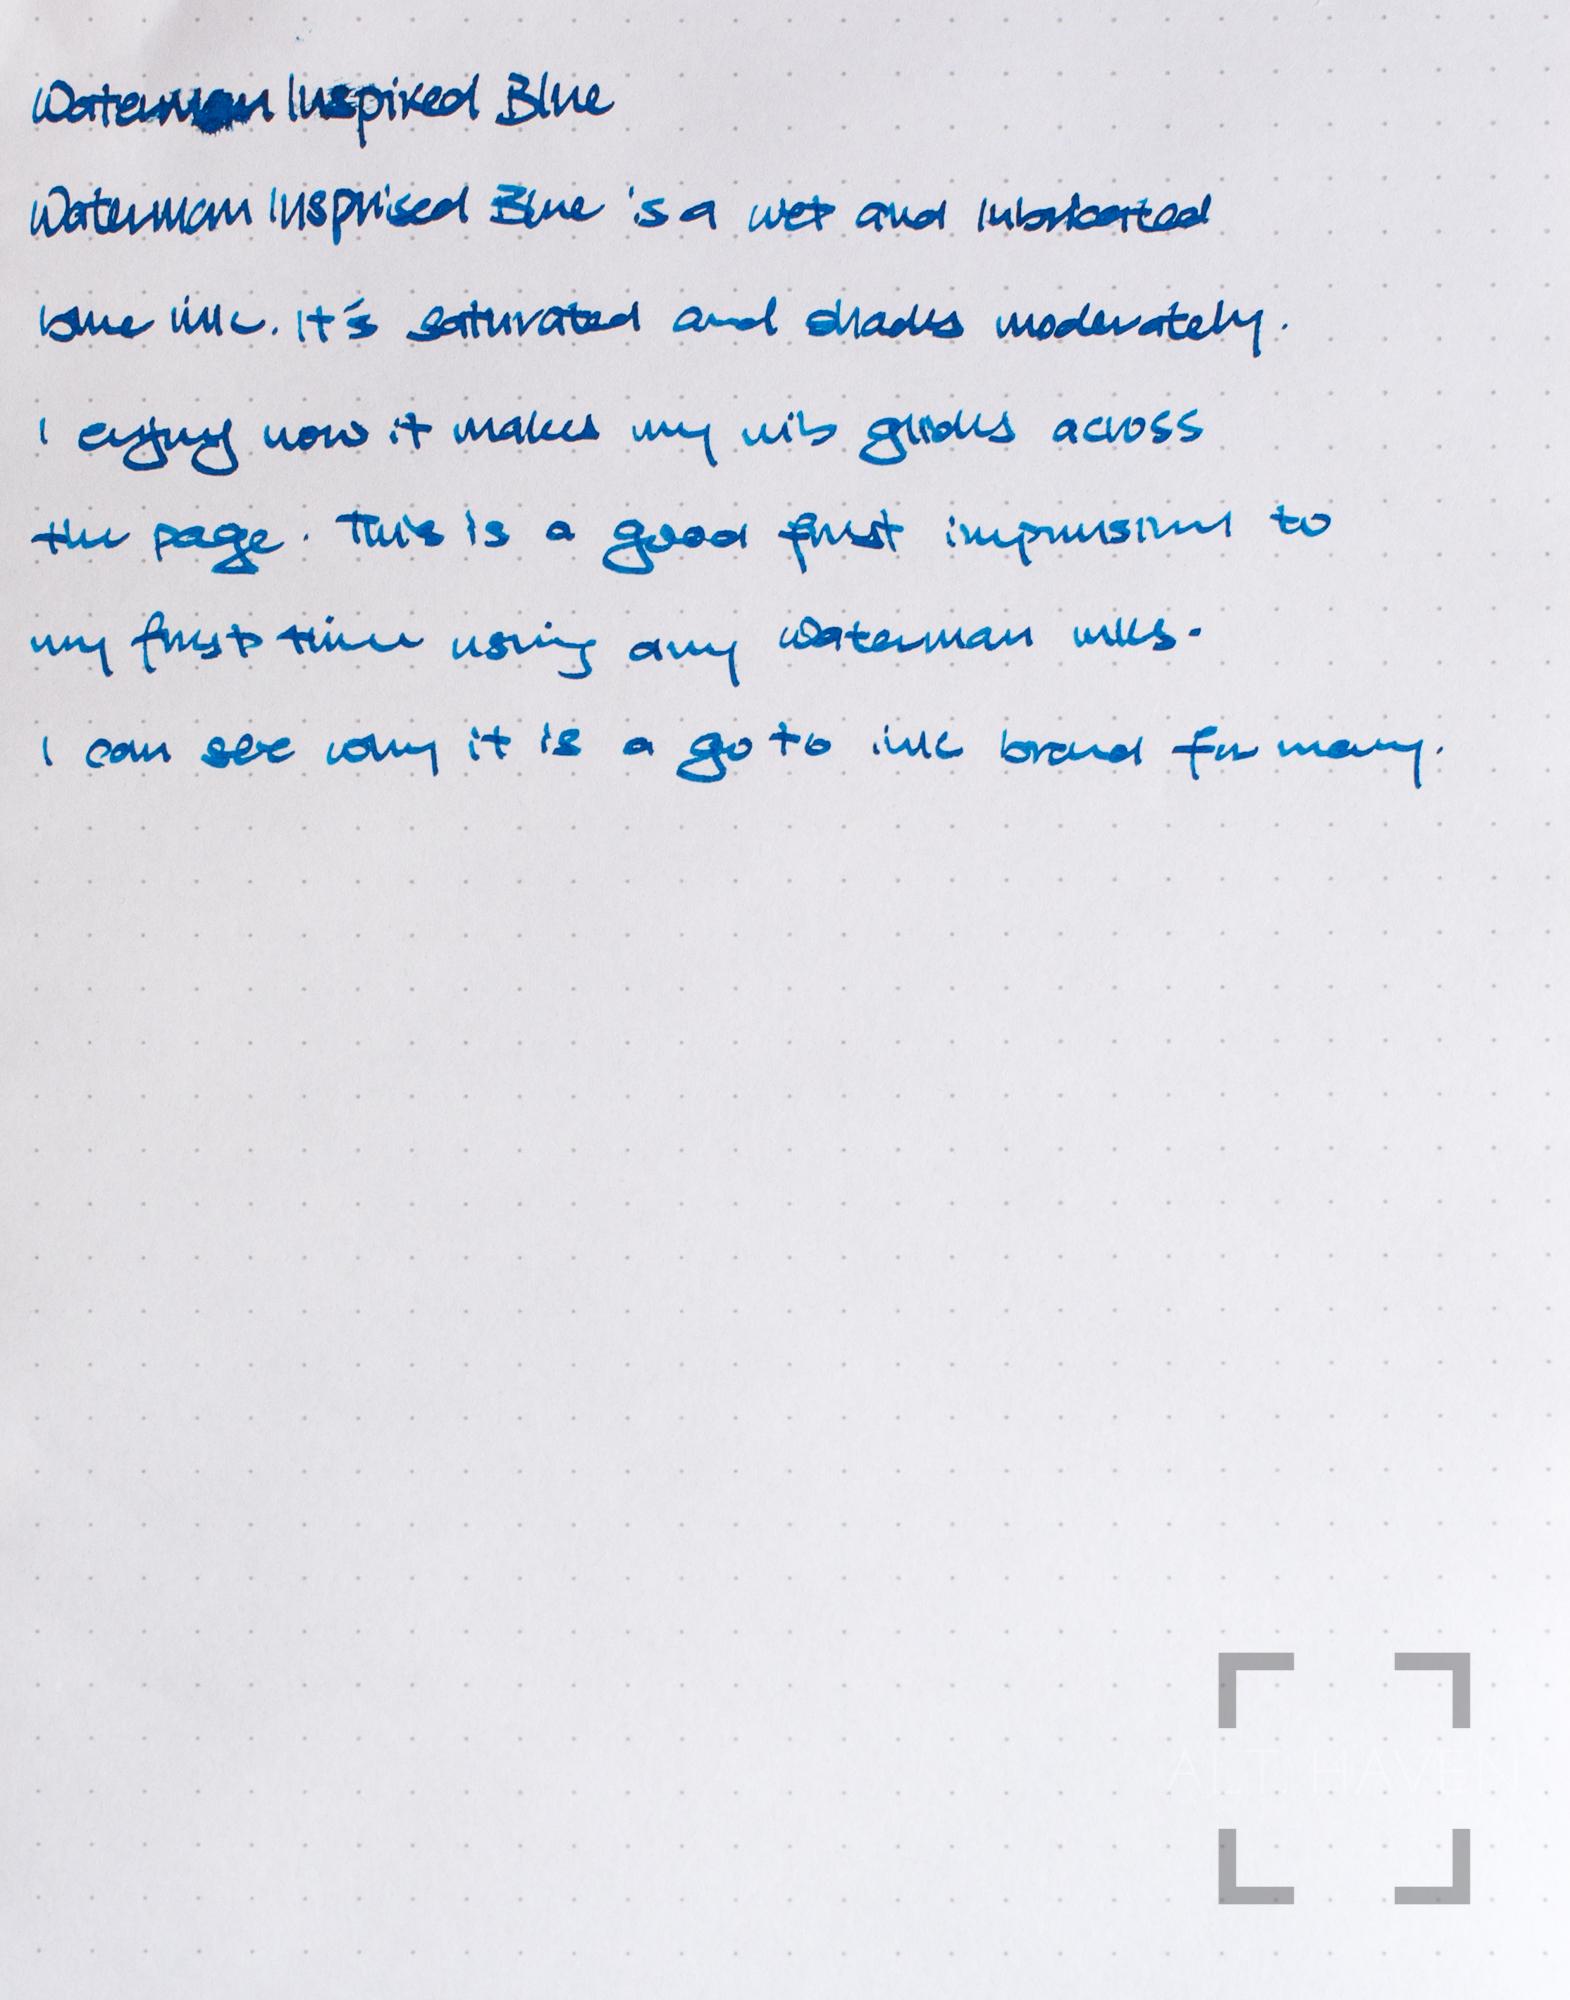 Waterman Inspired Blue-2.jpg